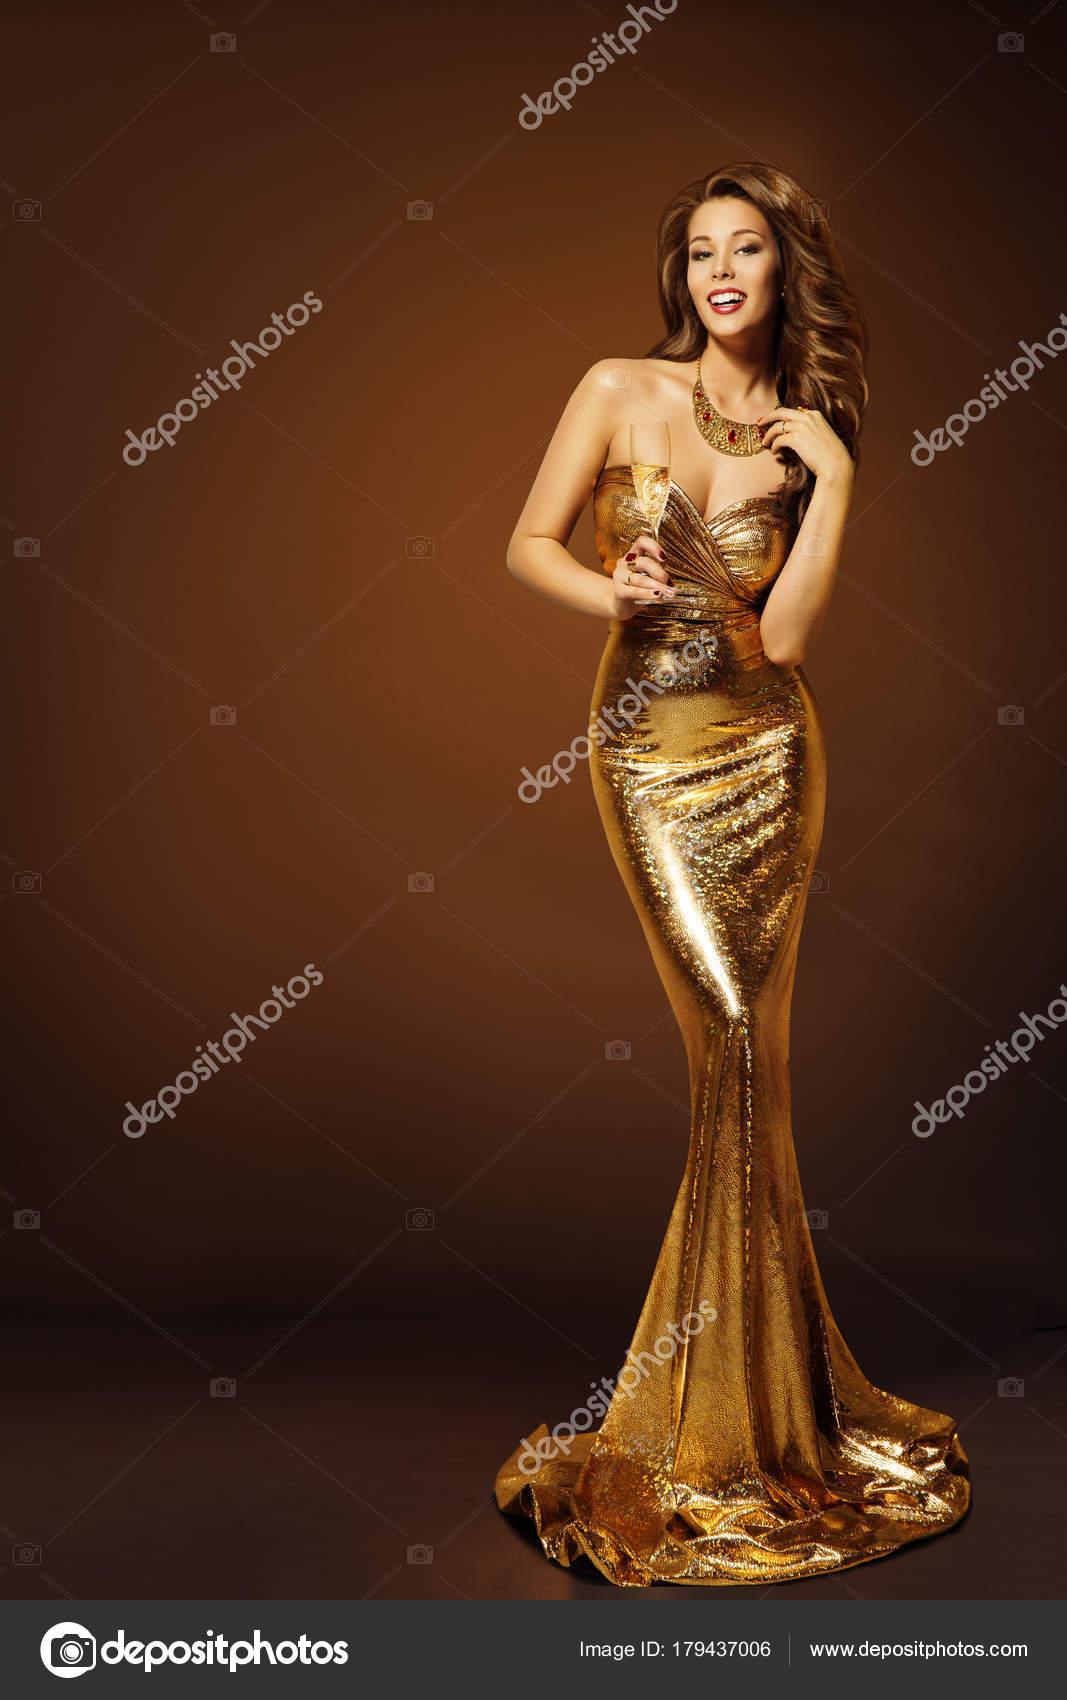 super popular 794c8 704c6 Moda modello oro vestito, donna in bellezza abito dorato ...